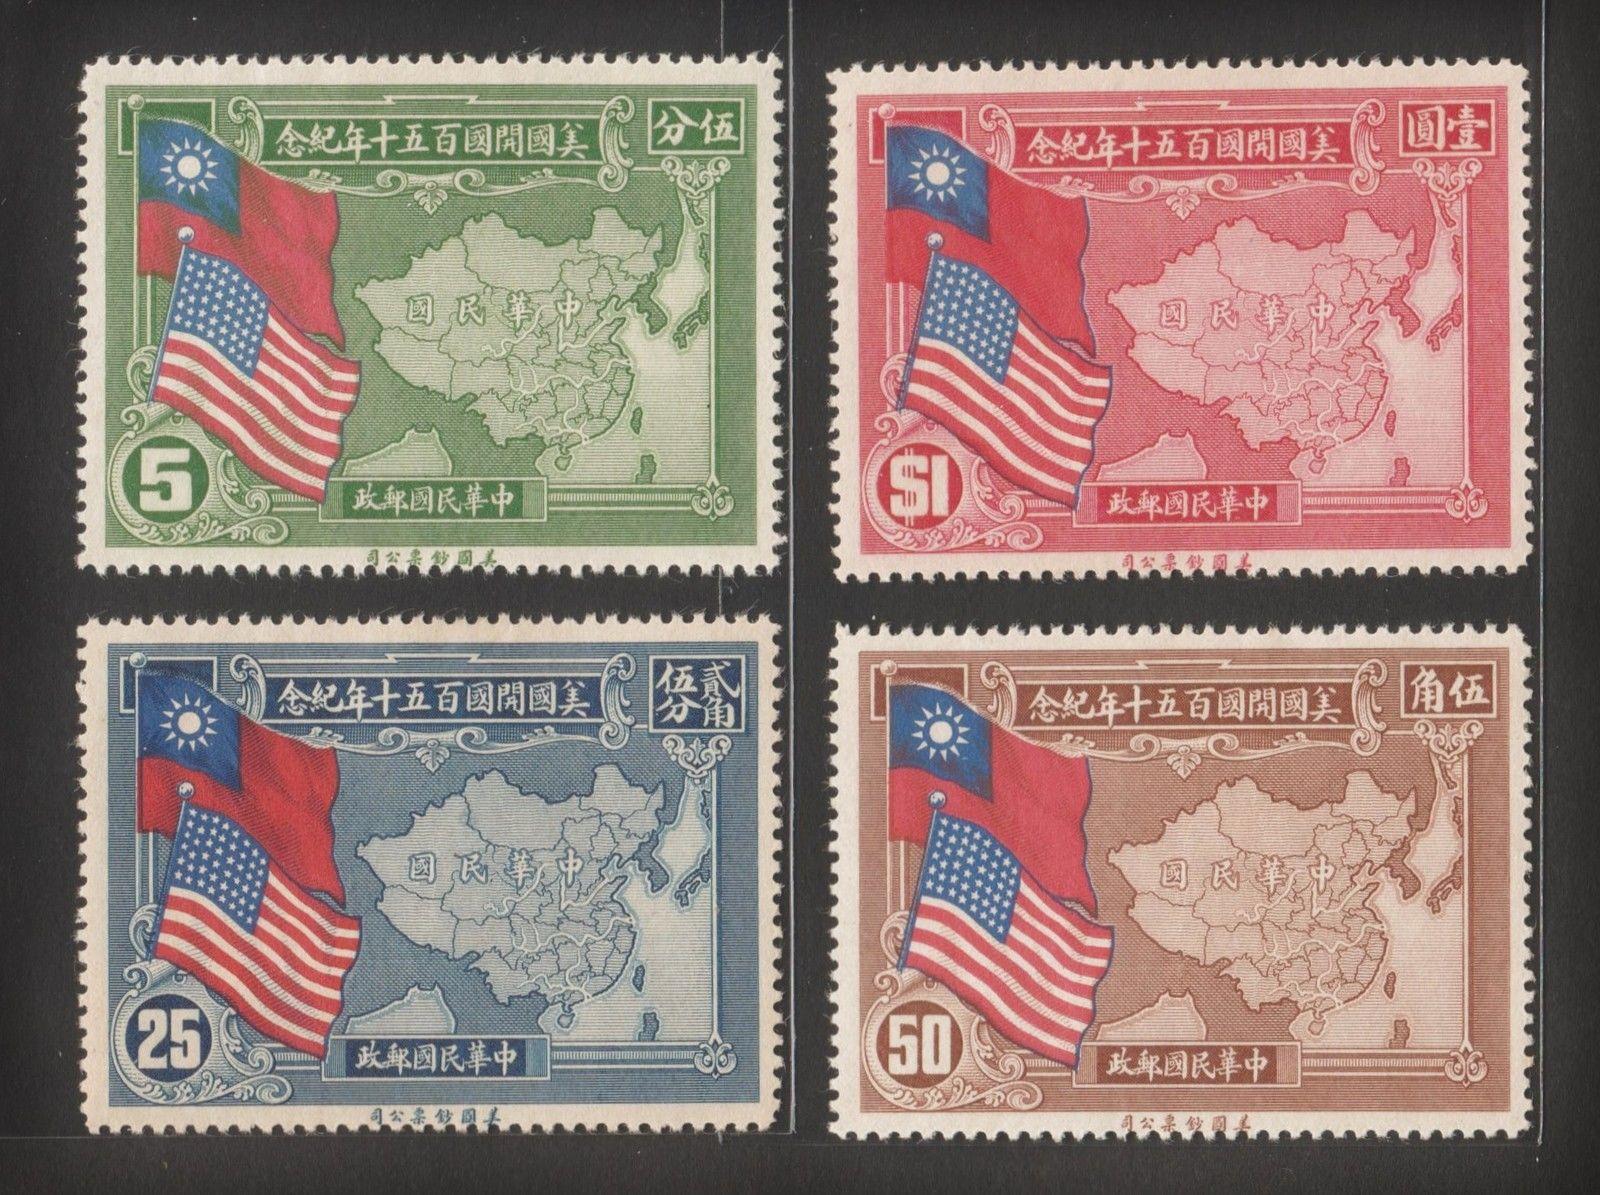 中国邮票:美国宪法(1939年)